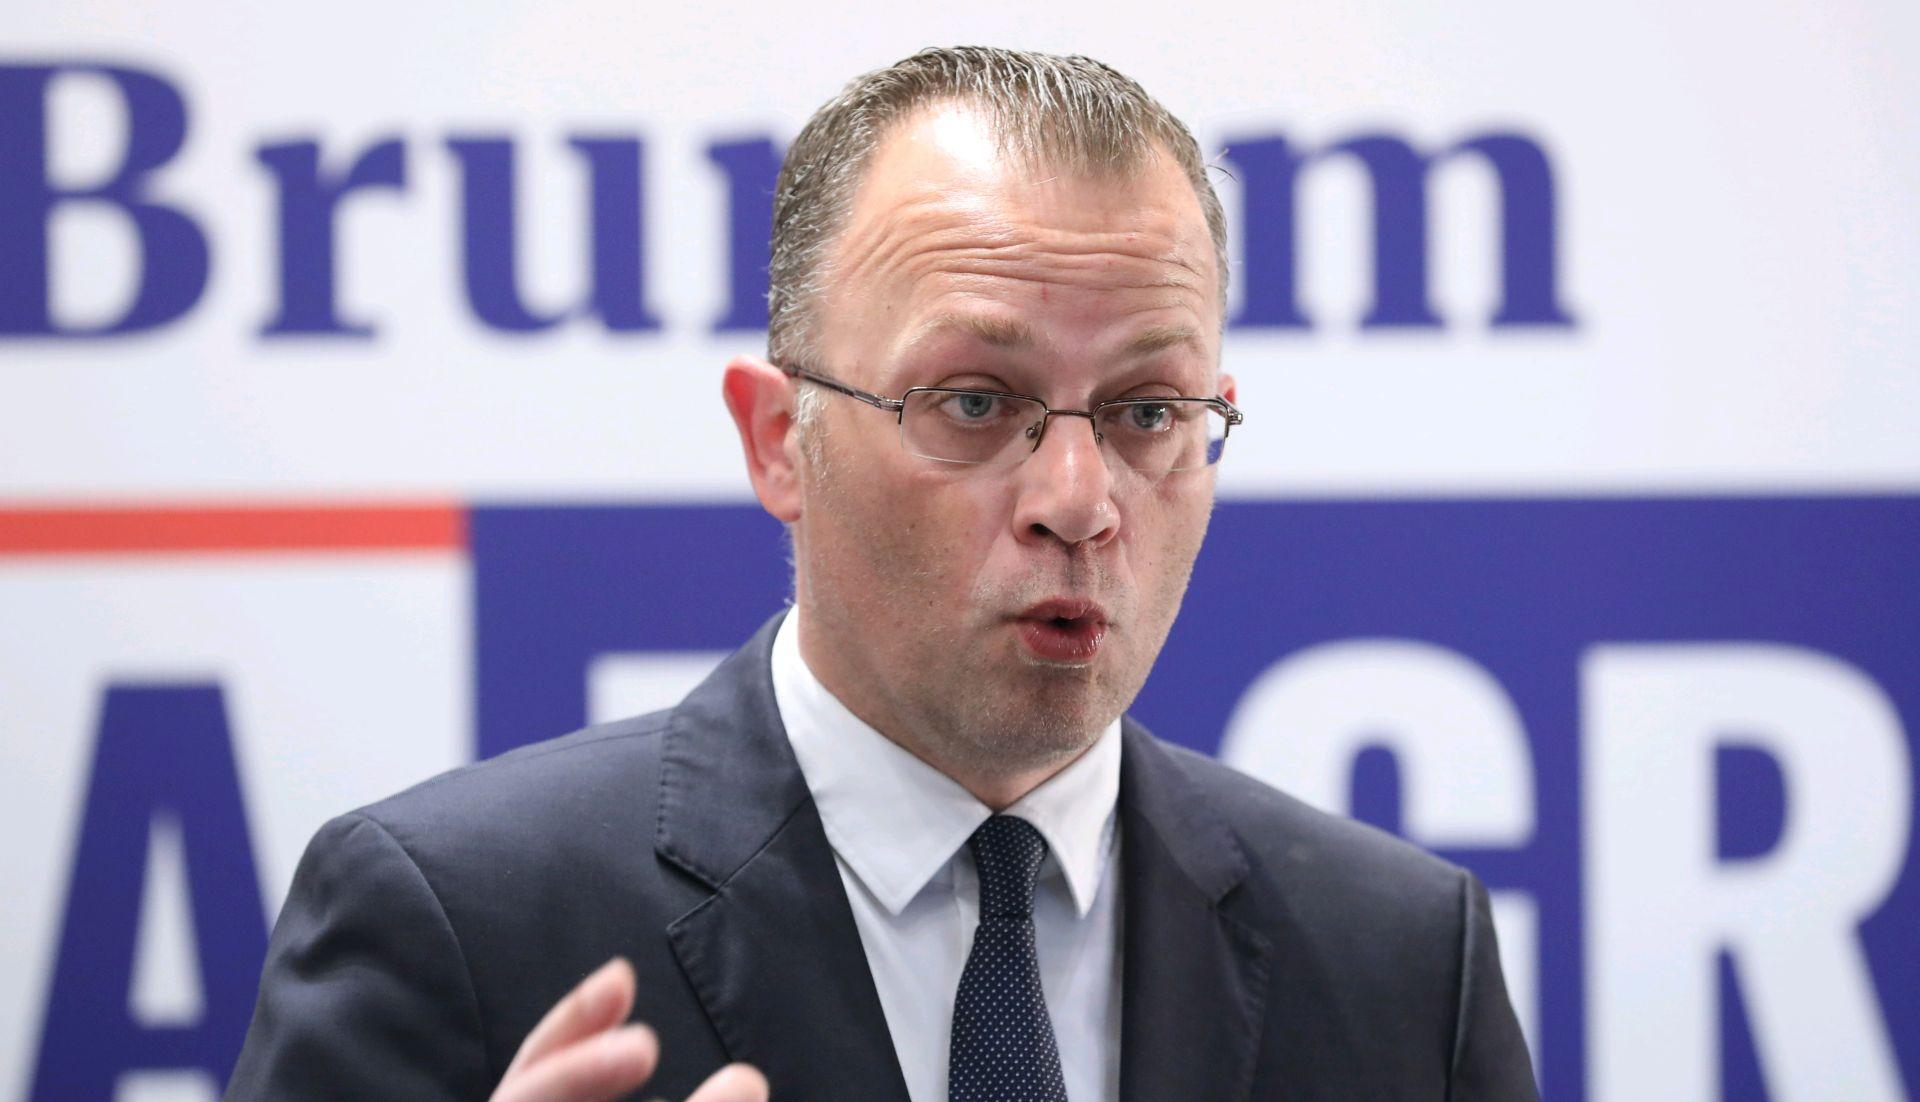 MINISTRI PORUČILI 'HDZ je jedinstven, Hasanbegović se sam isključio'